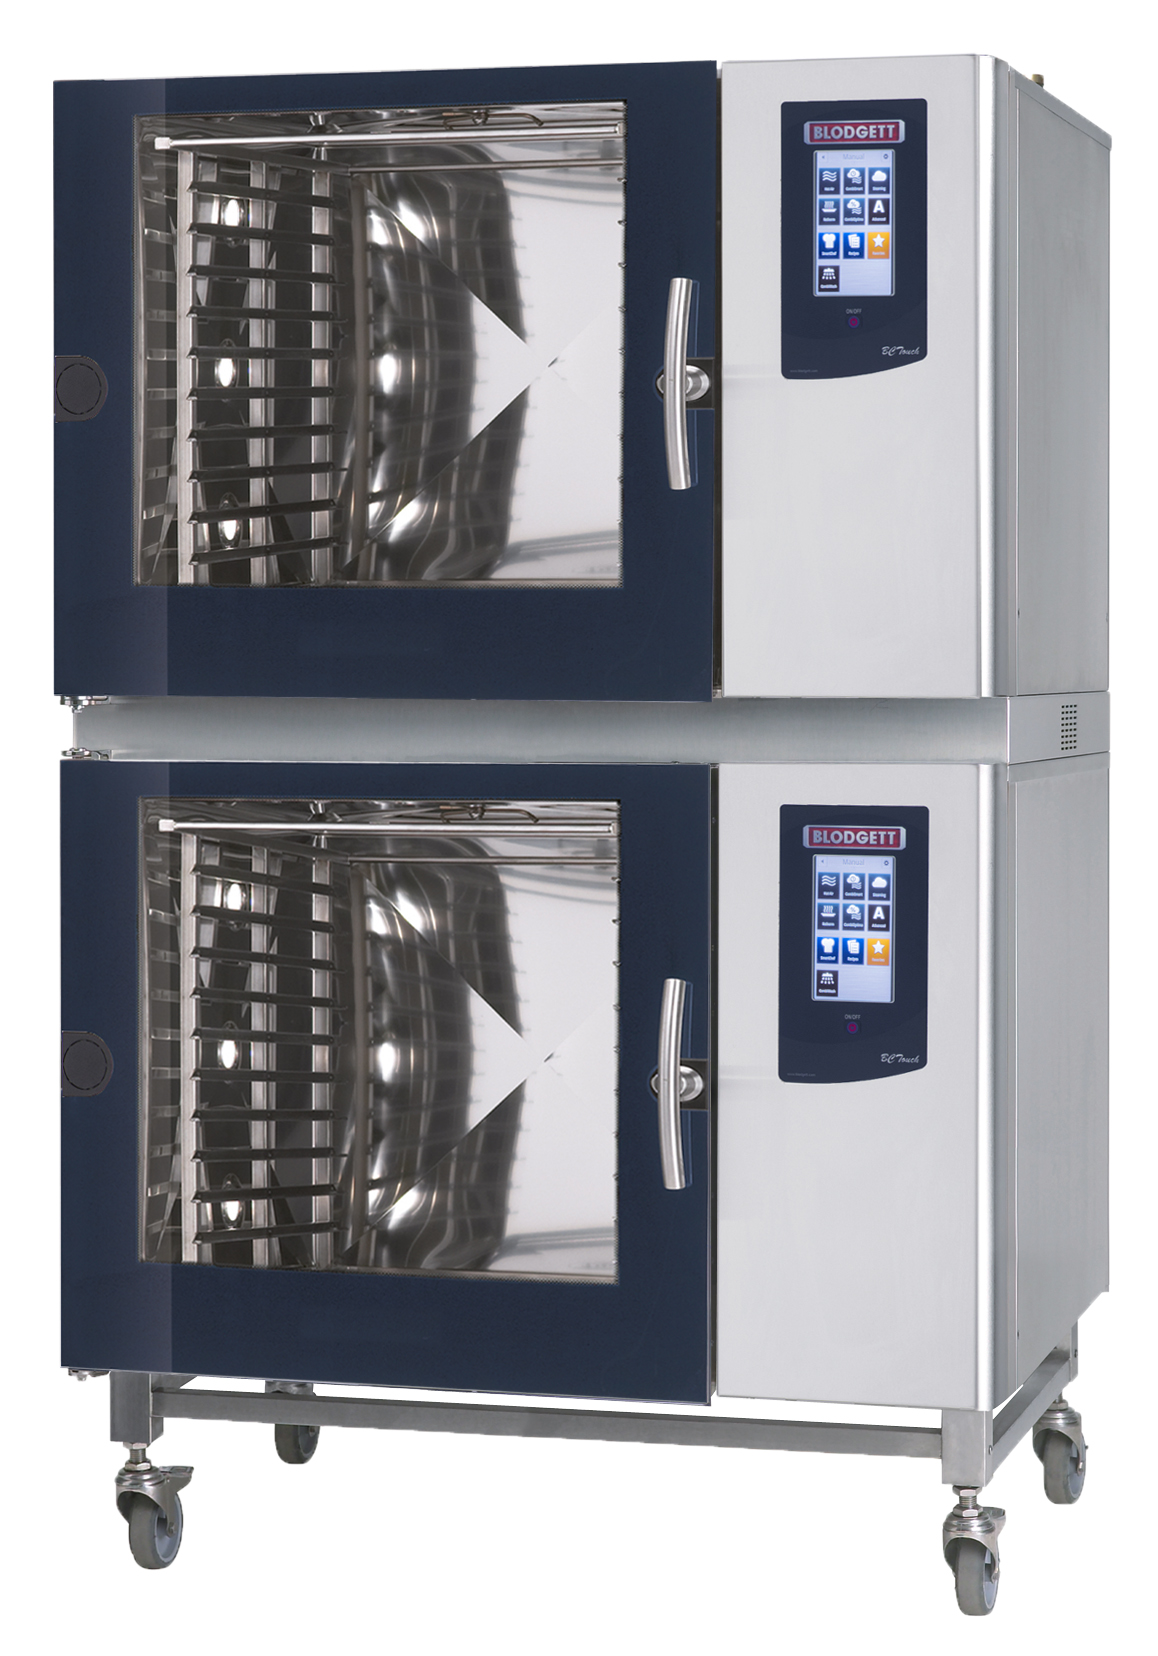 Blodgett BCT62G/BCT62G combi oven